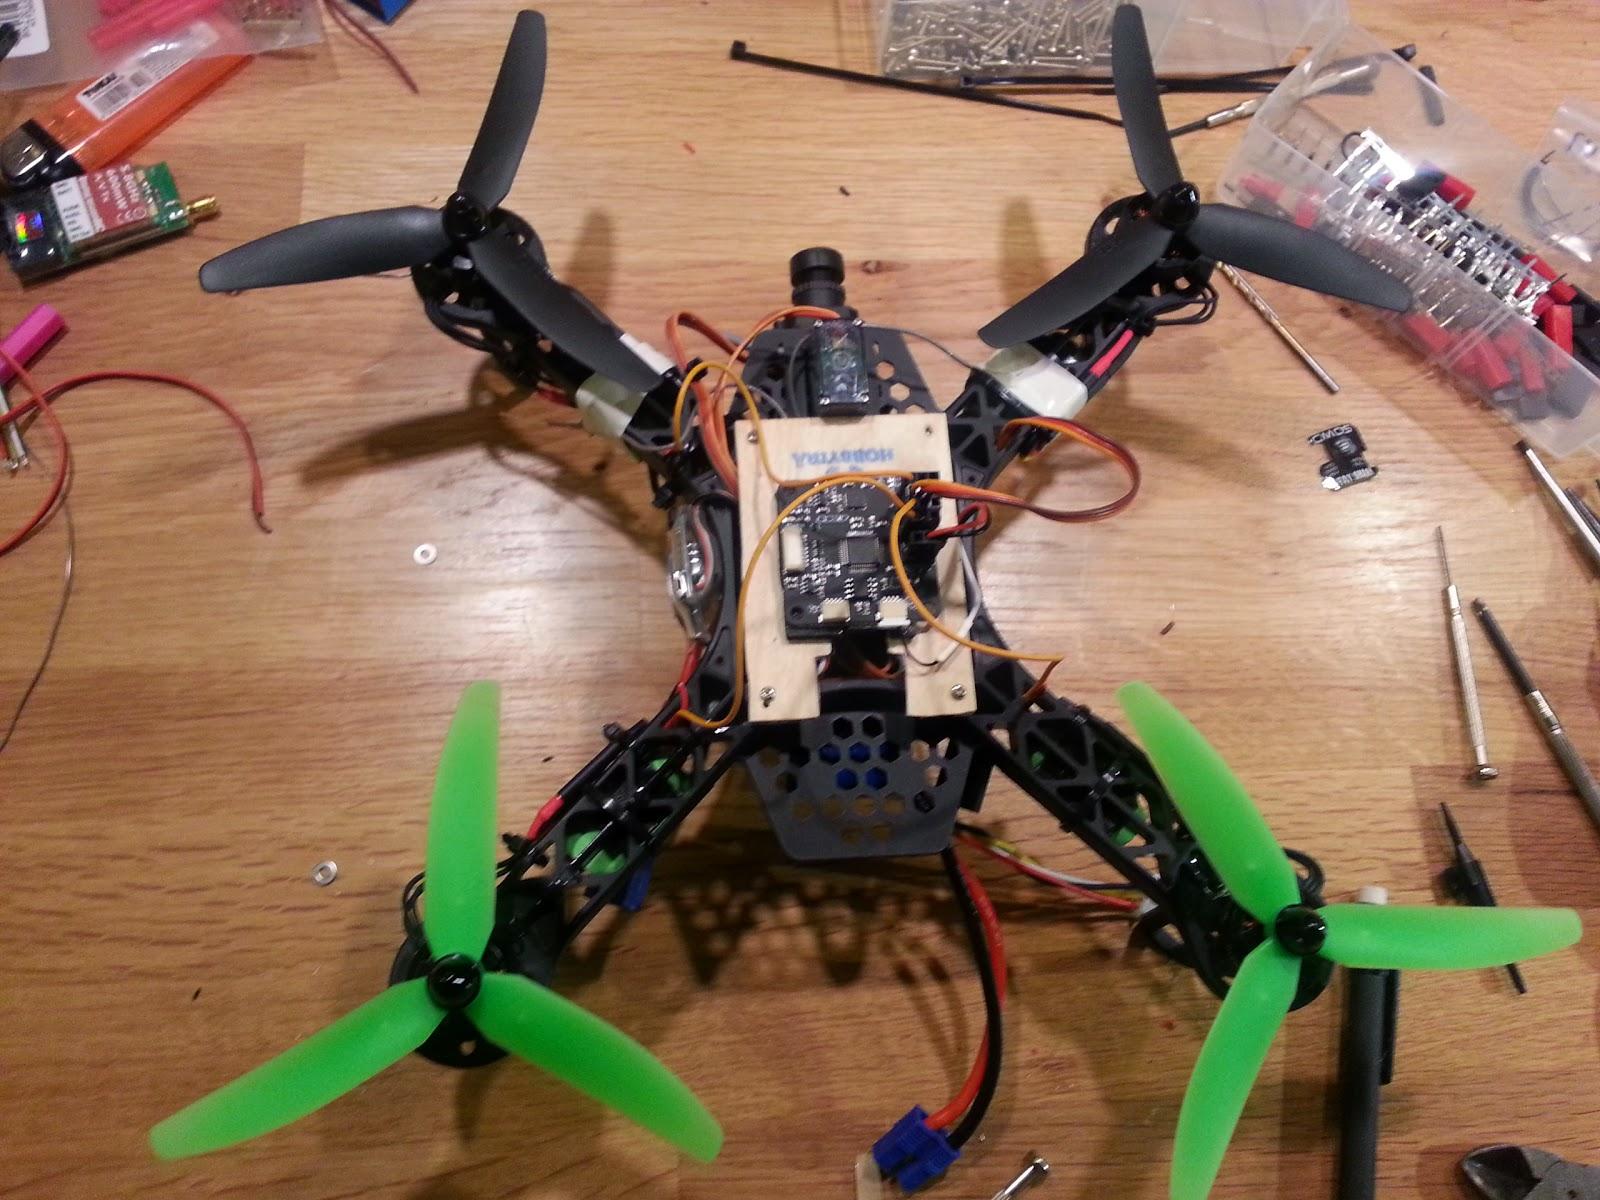 Astounding Cc3D Afro Esc Wiring Cc3D Flight Controller Wiring Diagram Wiring Cloud Brecesaoduqqnet